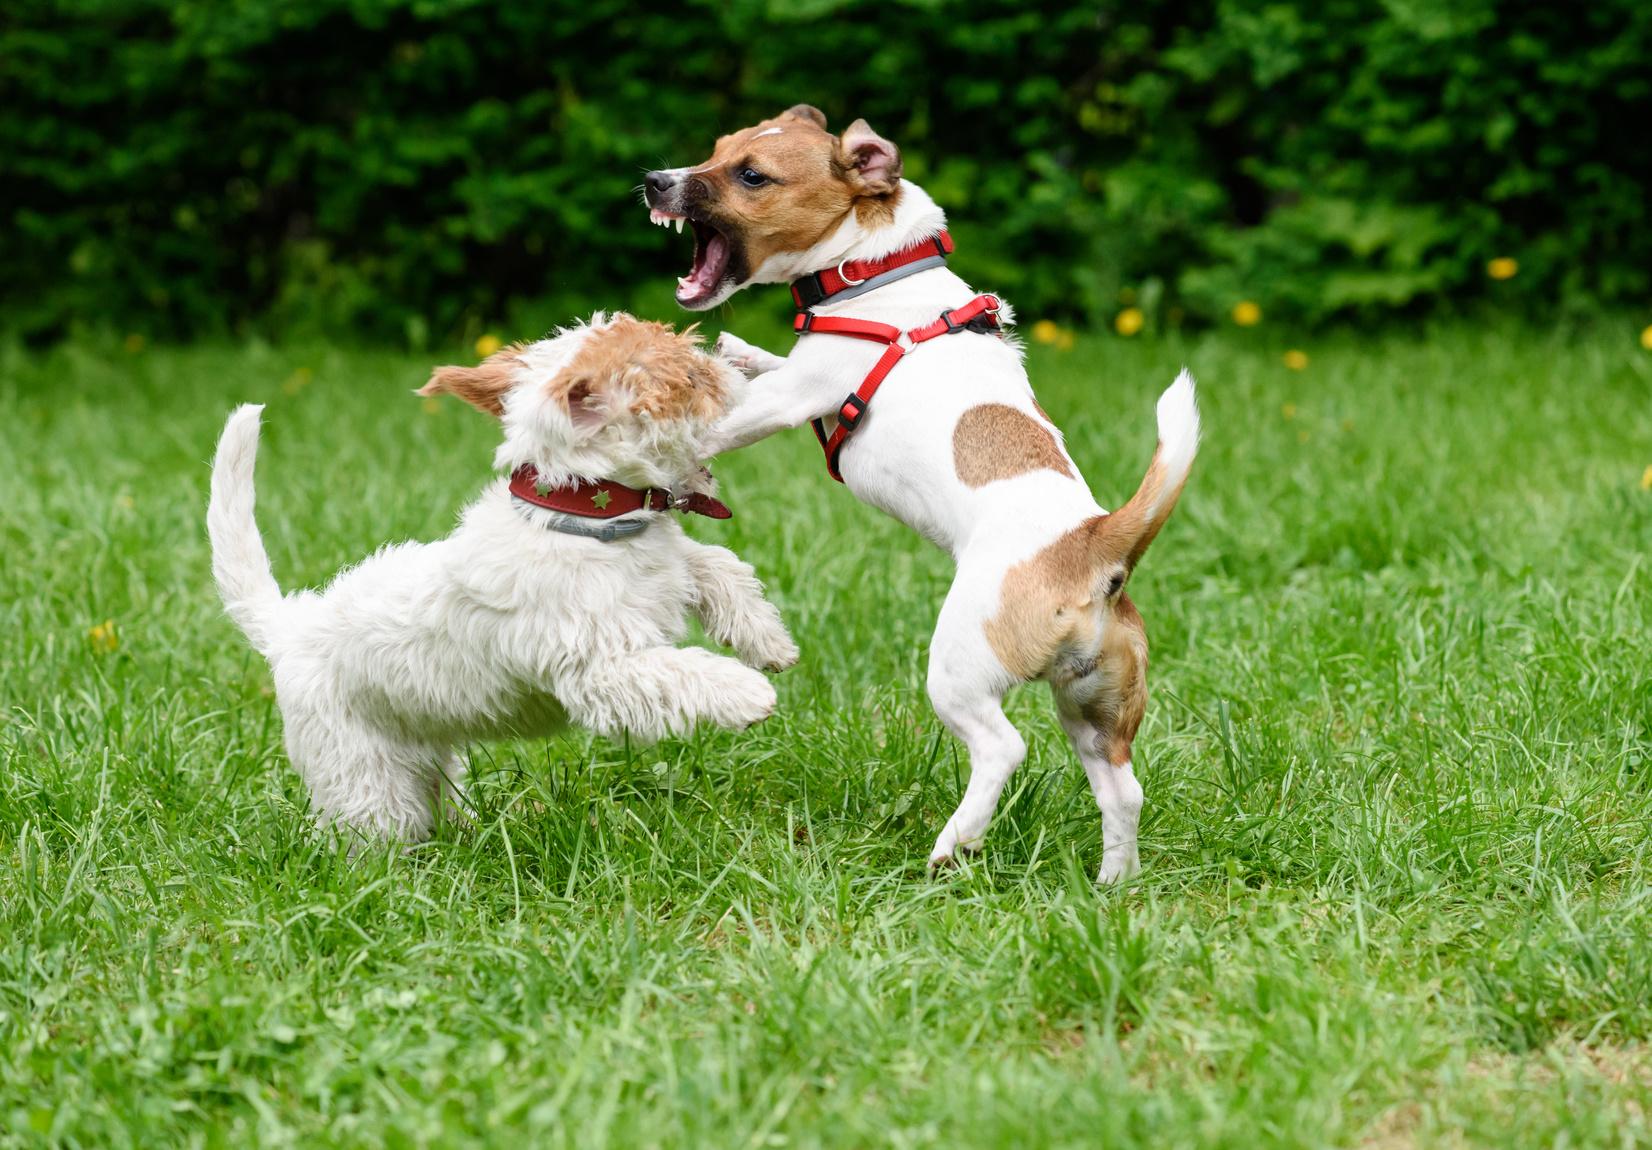 犬同士の喧嘩を止めるしつけ方法と喧嘩を避ける方法